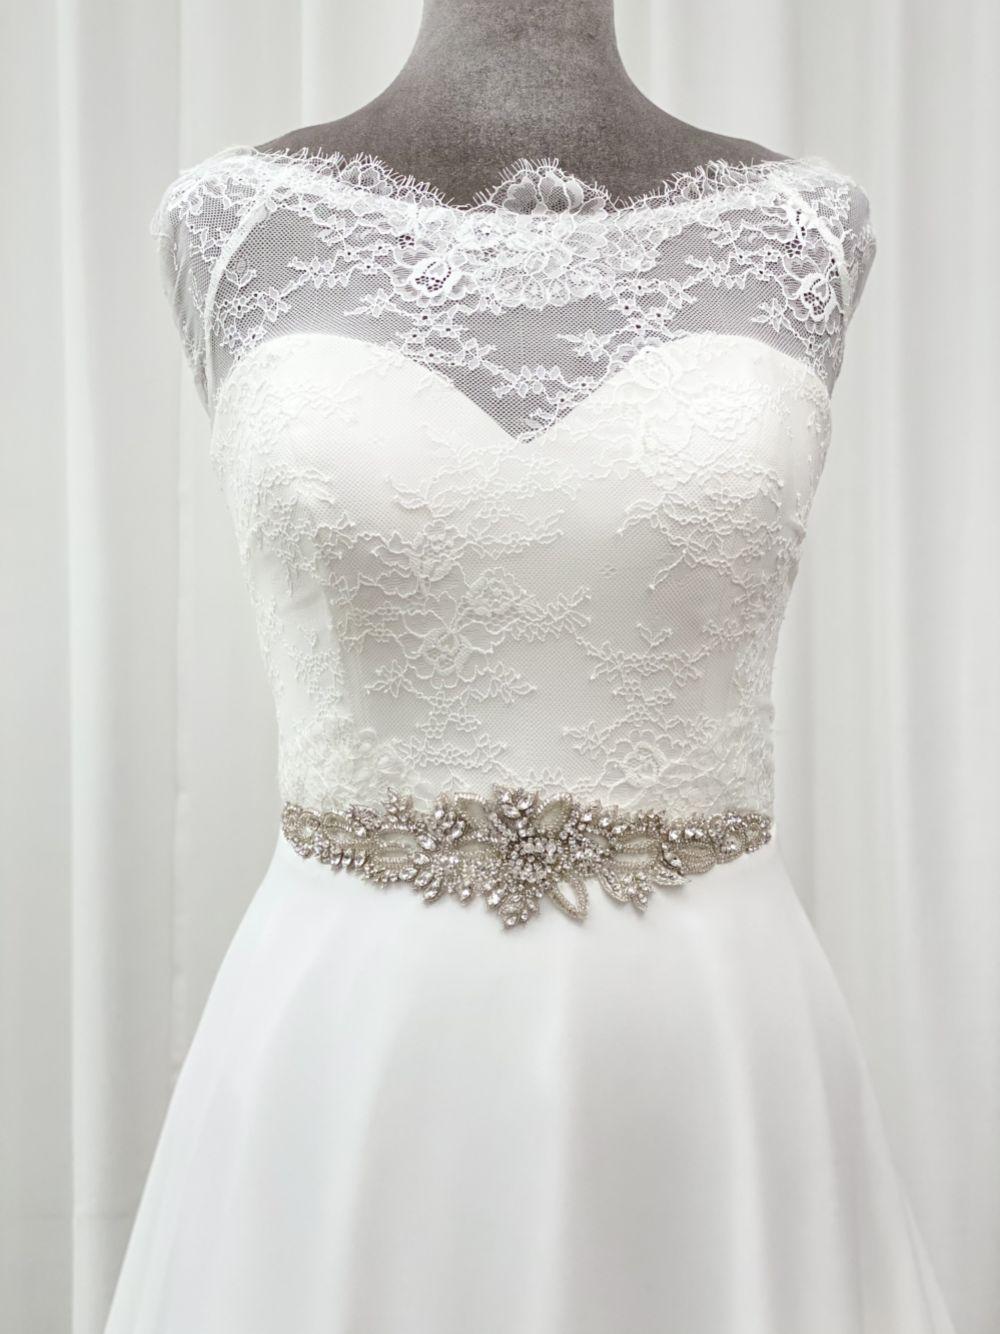 Hamilton Vintage Beaded and Crystal Embellished Bridal Belt